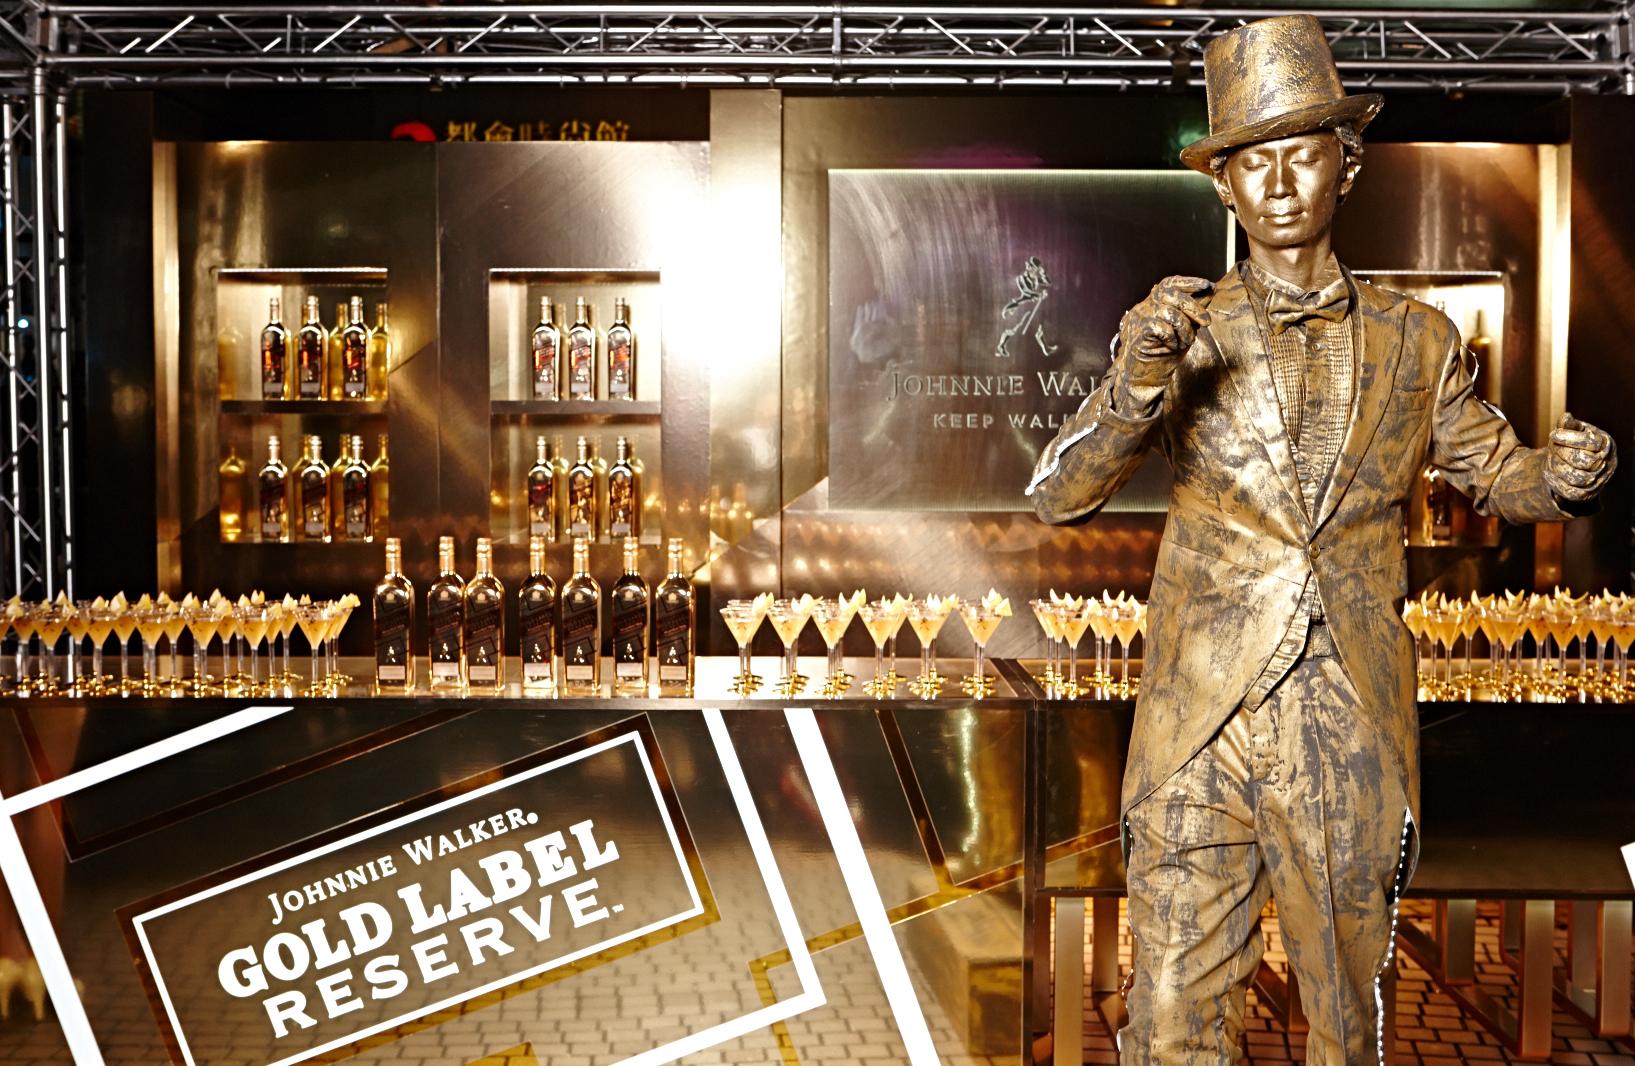 JOHNNIE WALKER®再度與微風之夜攜手合作,於現場設置「JOHNNIE WALKER®金牌珍藏™酒吧」,更安排行動藝術家化身「JOHNNIE WALKER®邁步向前的紳士」與貴賓互動同歡